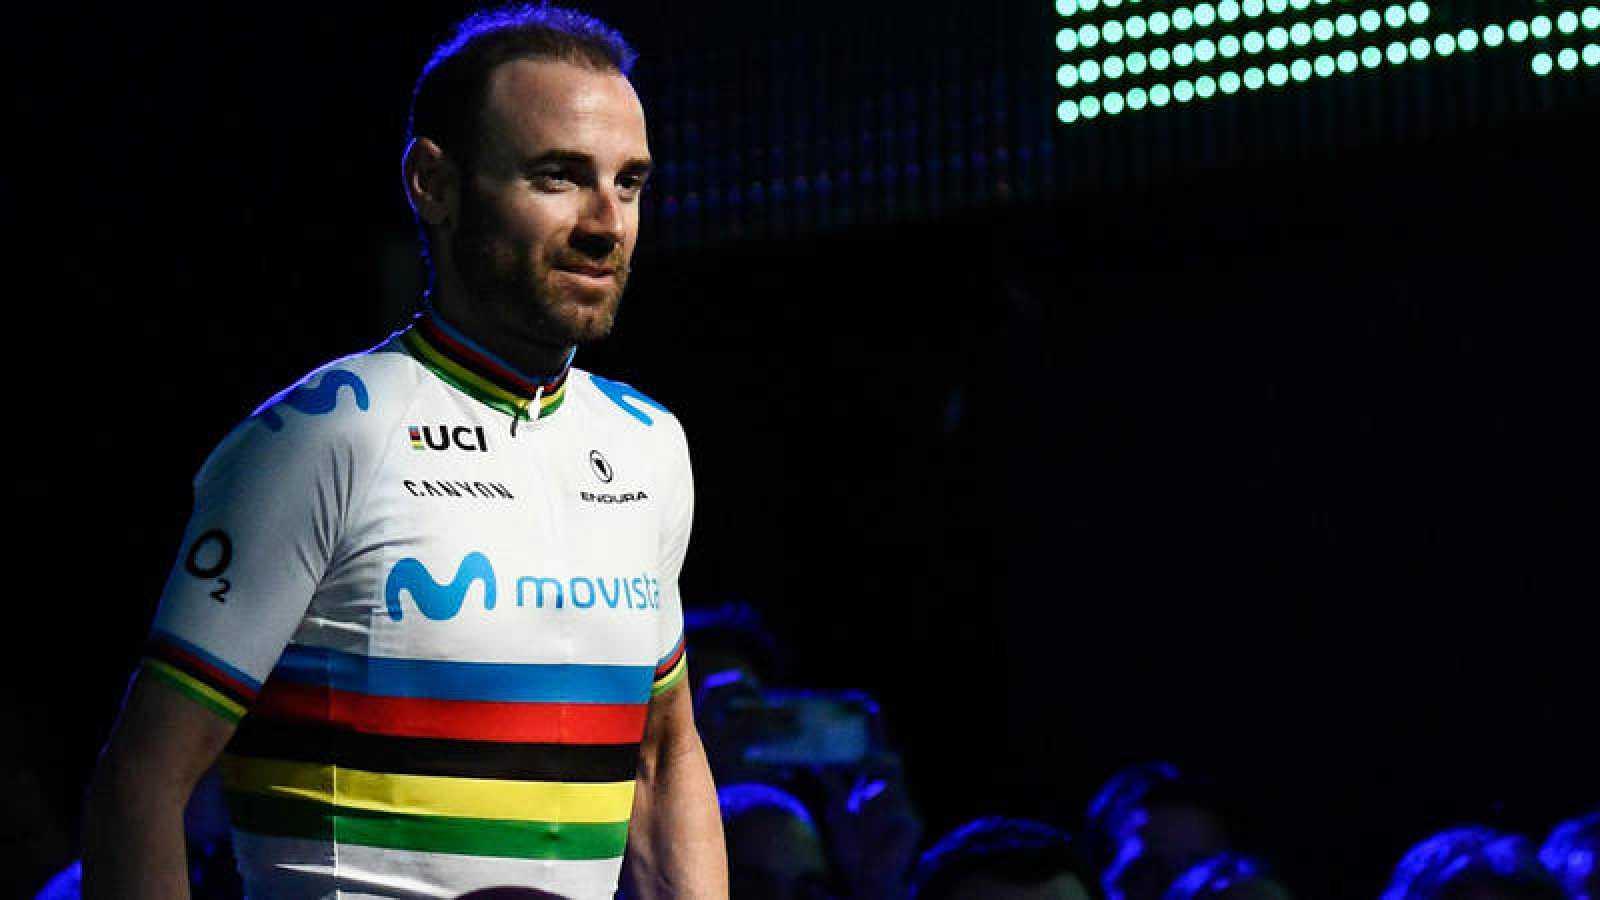 Valverde con el maillot arcoiris de campeón del mundo